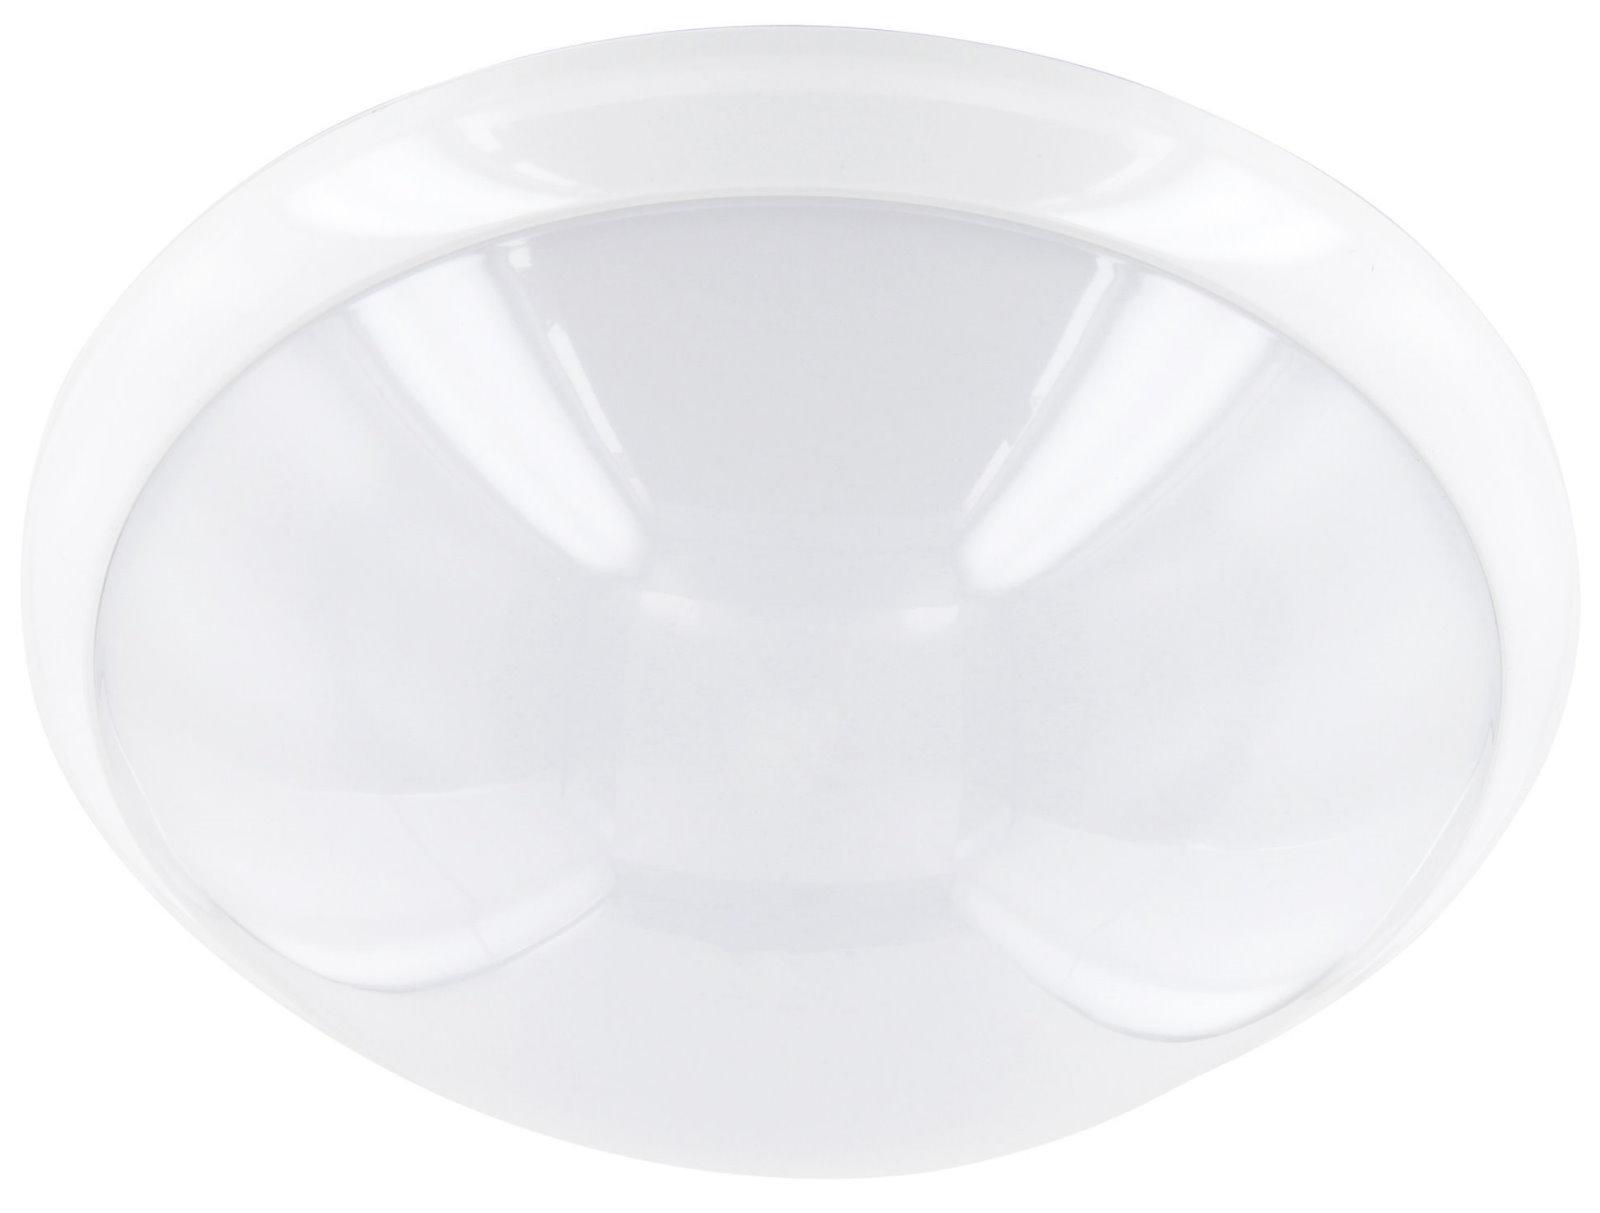 LED Deckenleuchte 16W mit HF Bewegungsmelder 360° IP44 - warmweiß